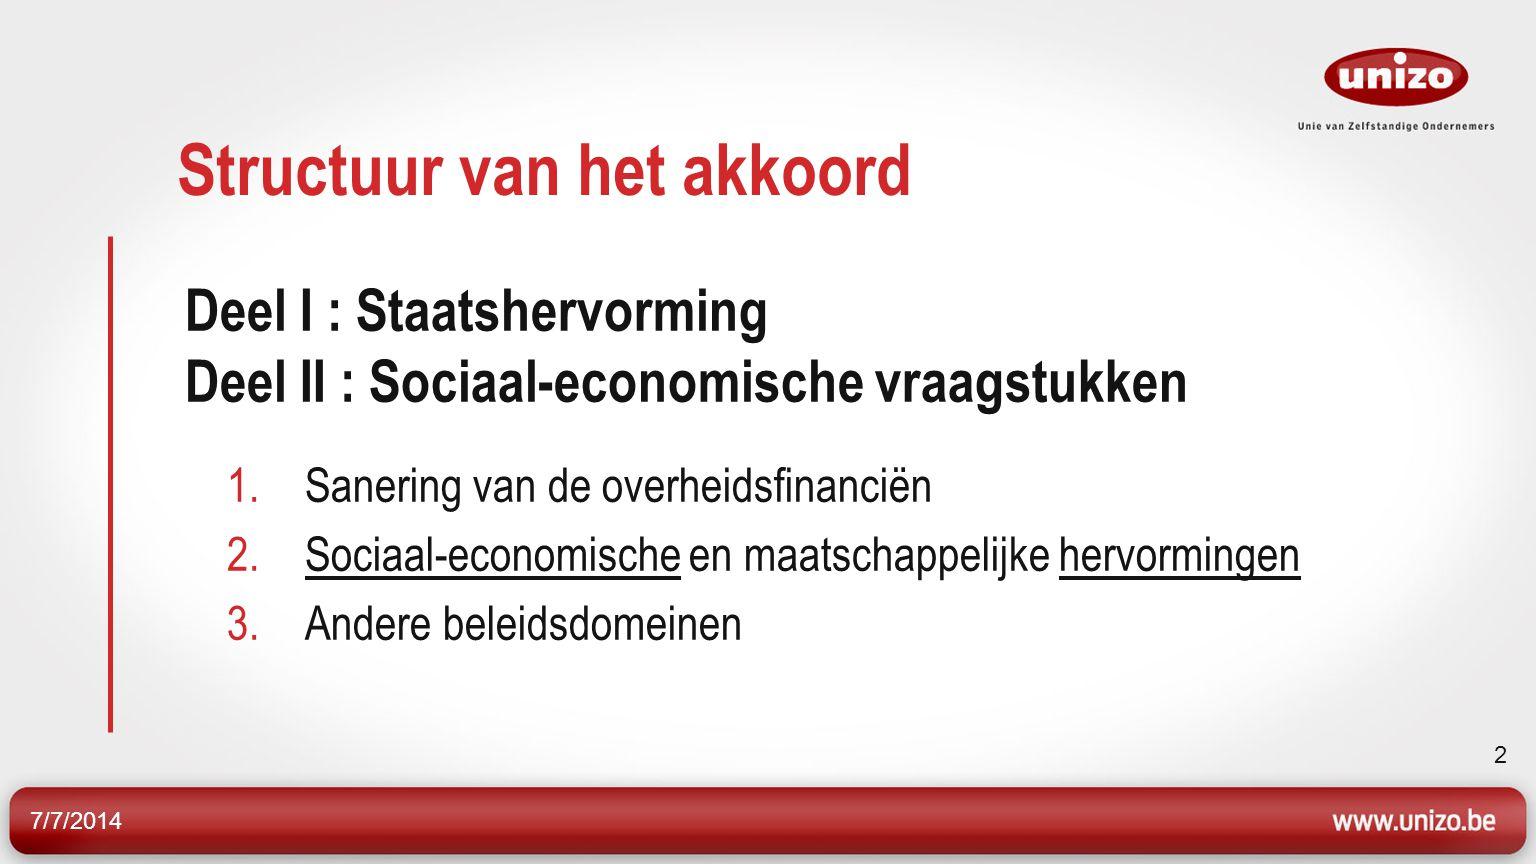 7/7/2014 2 Structuur van het akkoord Deel I : Staatshervorming Deel II : Sociaal-economische vraagstukken 1.Sanering van de overheidsfinanciën 2.Sociaal-economische en maatschappelijke hervormingen 3.Andere beleidsdomeinen